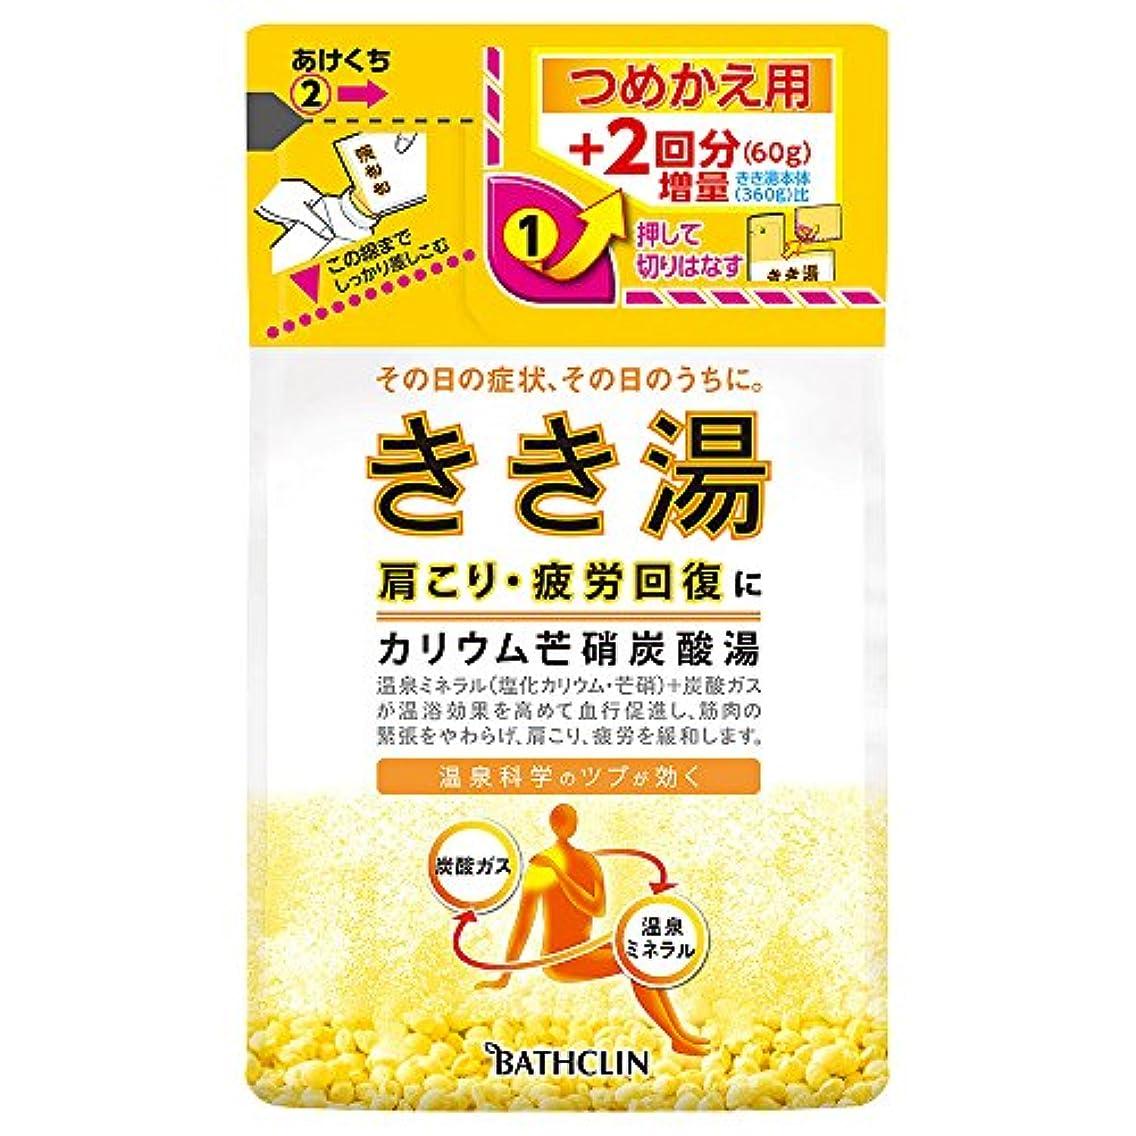 不足動的落胆させるきき湯 カリウム芒硝炭酸湯 つめかえ用 420g 入浴剤 (医薬部外品)